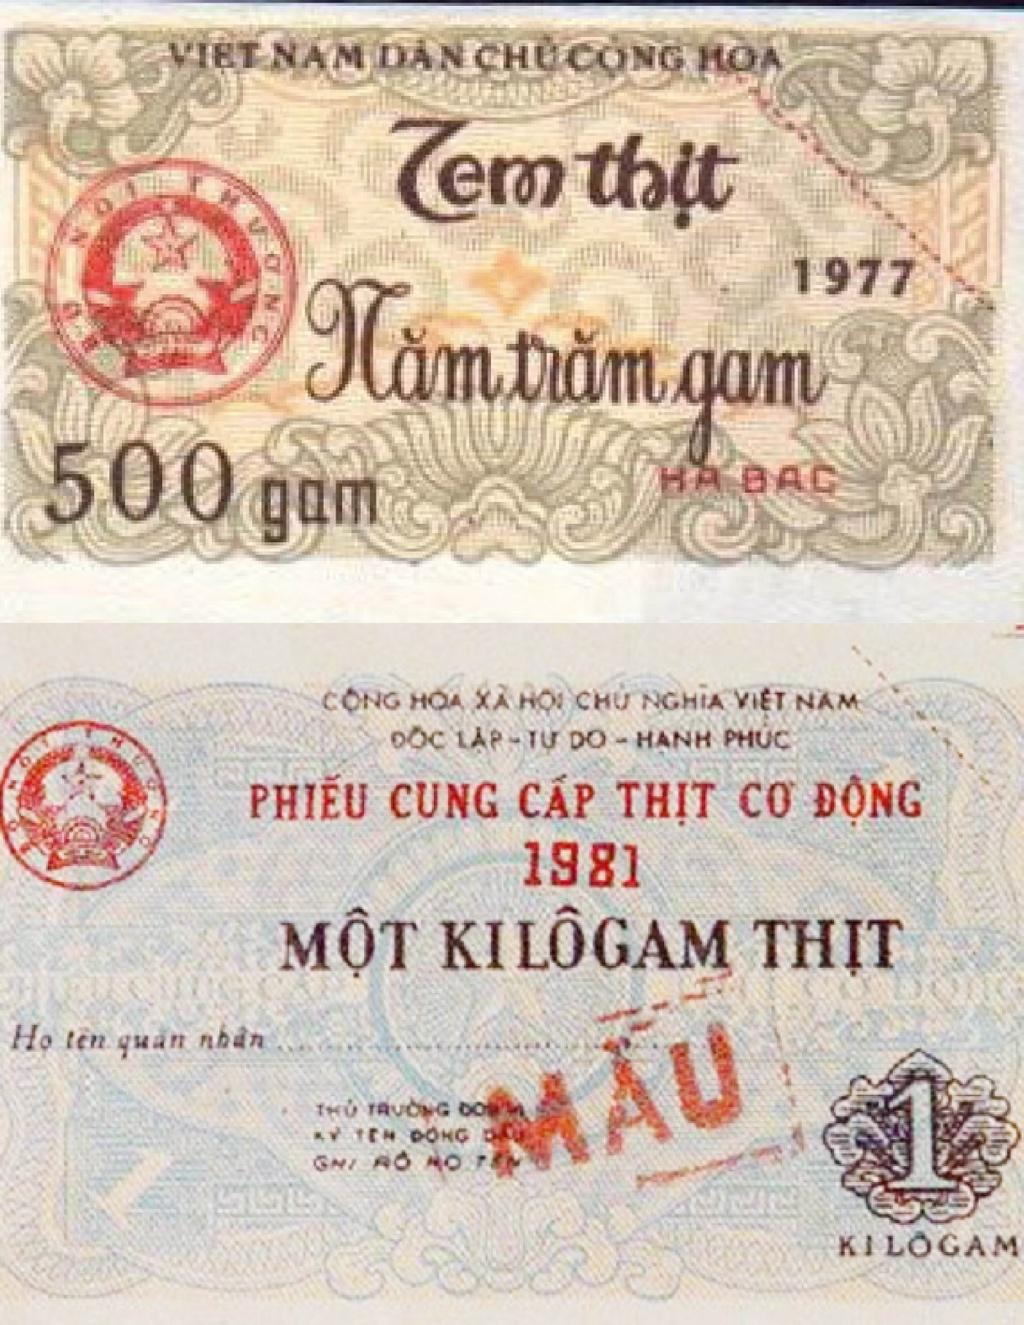 Mo lon phai co giay phep va chuyen dung lon Tet chui thoi bao cap hinh anh 2 3_2.jpg